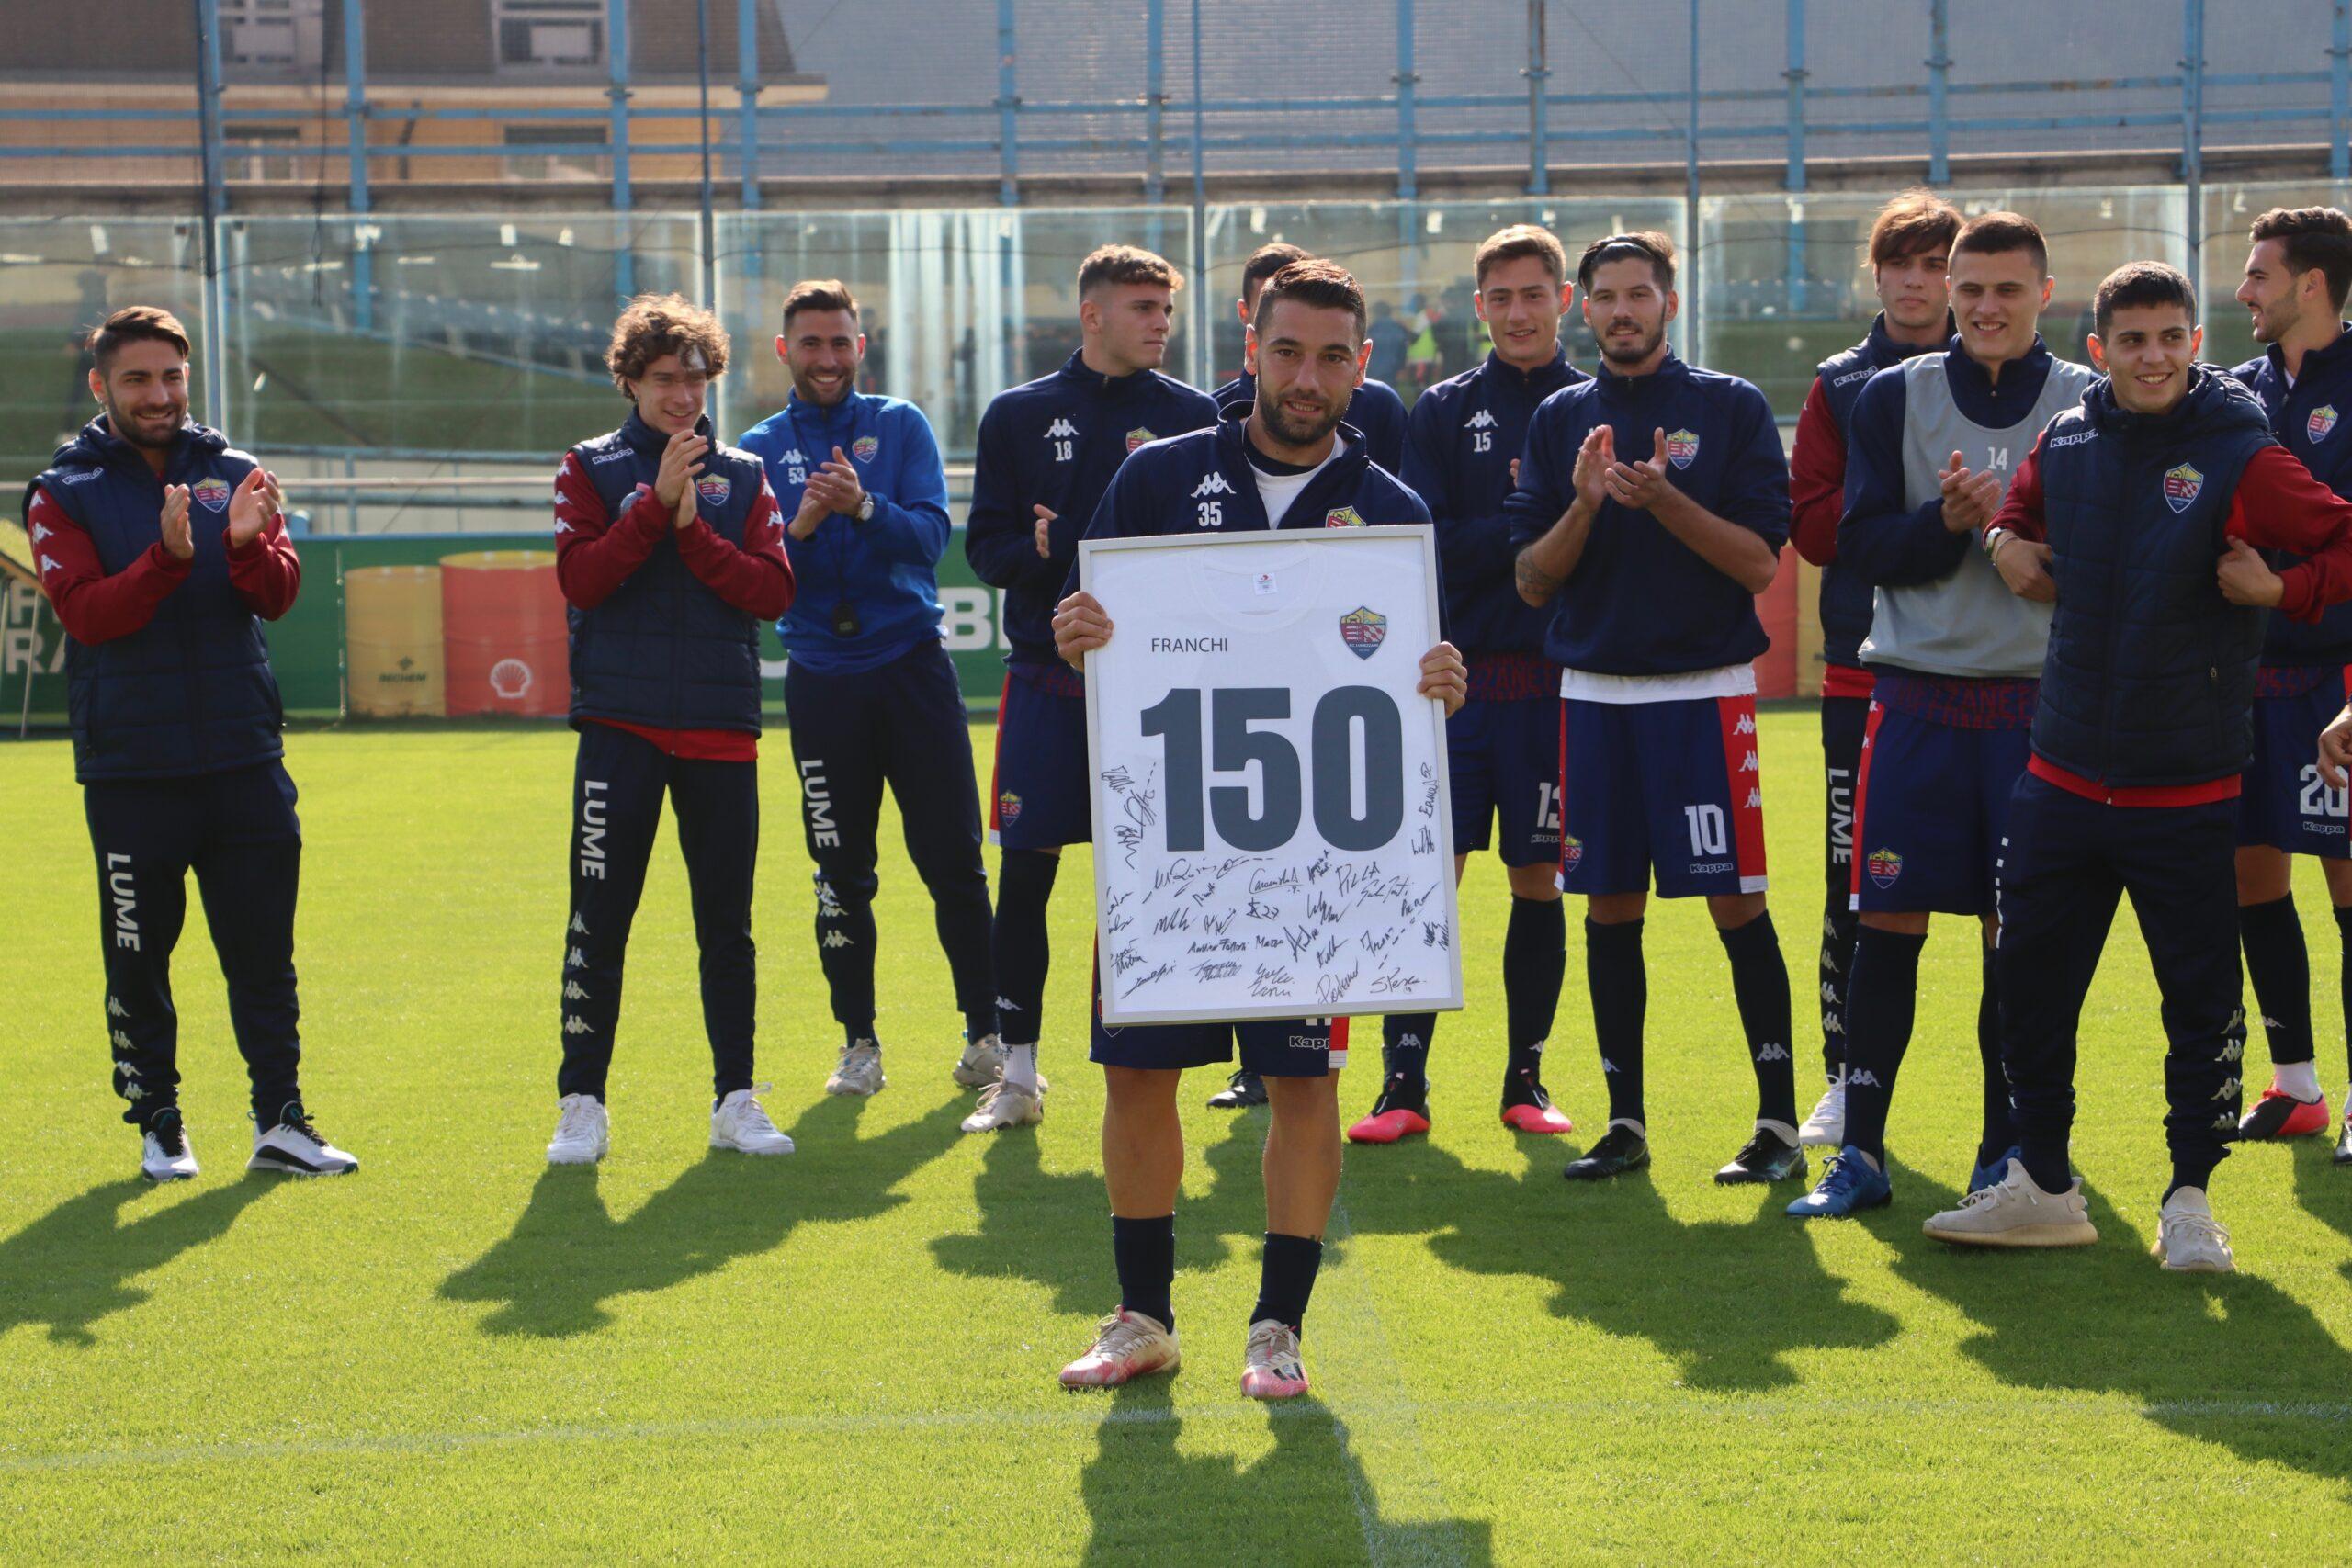 """Omaggio A Franchi Per I 150 Gol In Carriera: """"Una Grande Soddisfazione"""""""